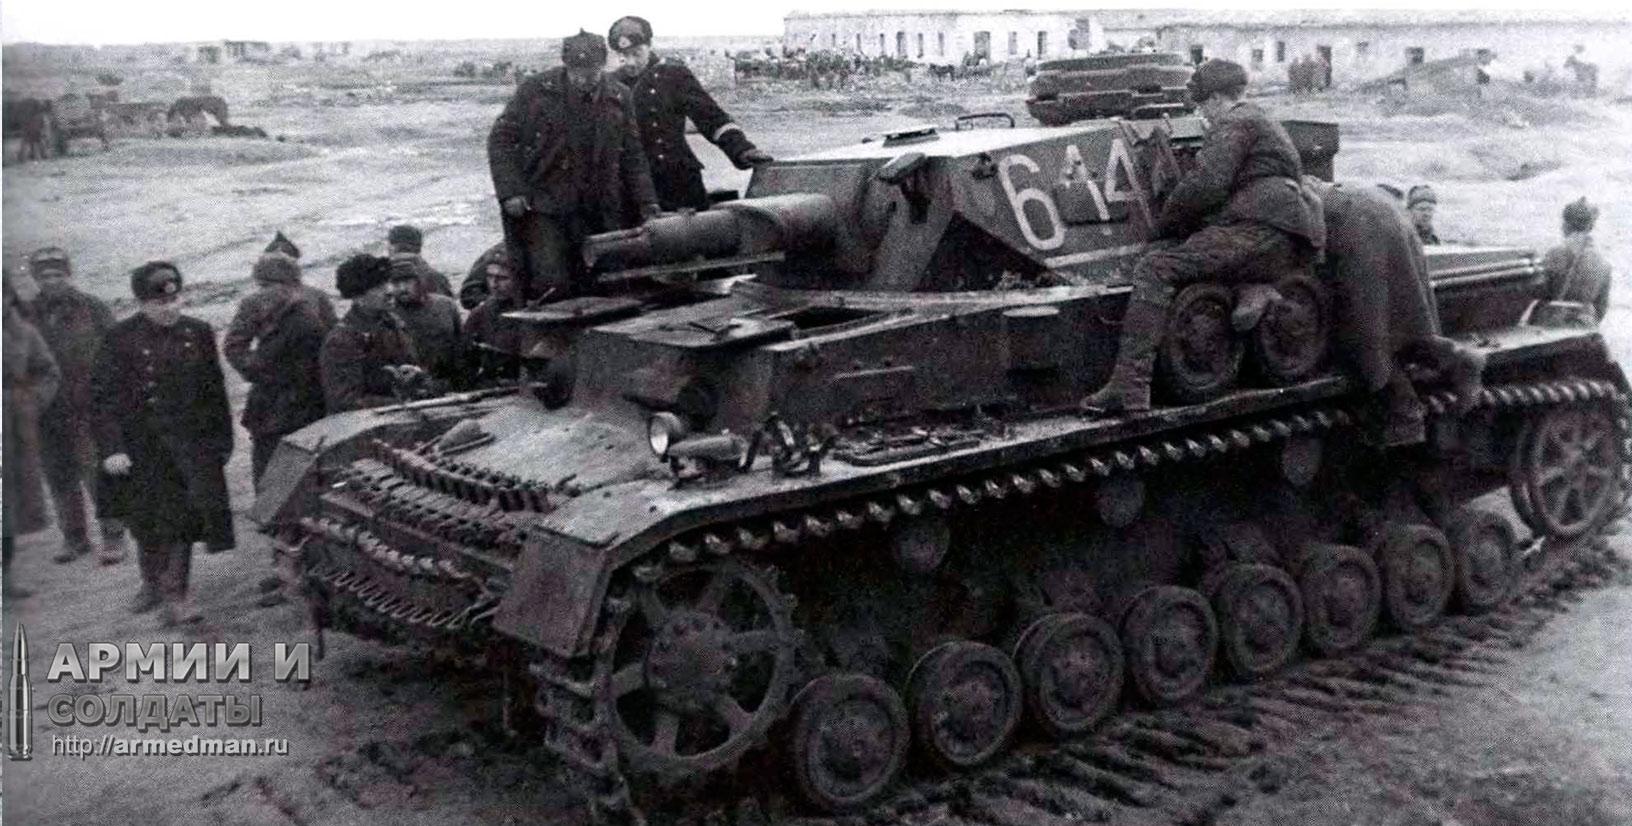 Pz-IV-захваченная-у-22-танковой-дивизии-вермахта,-1942